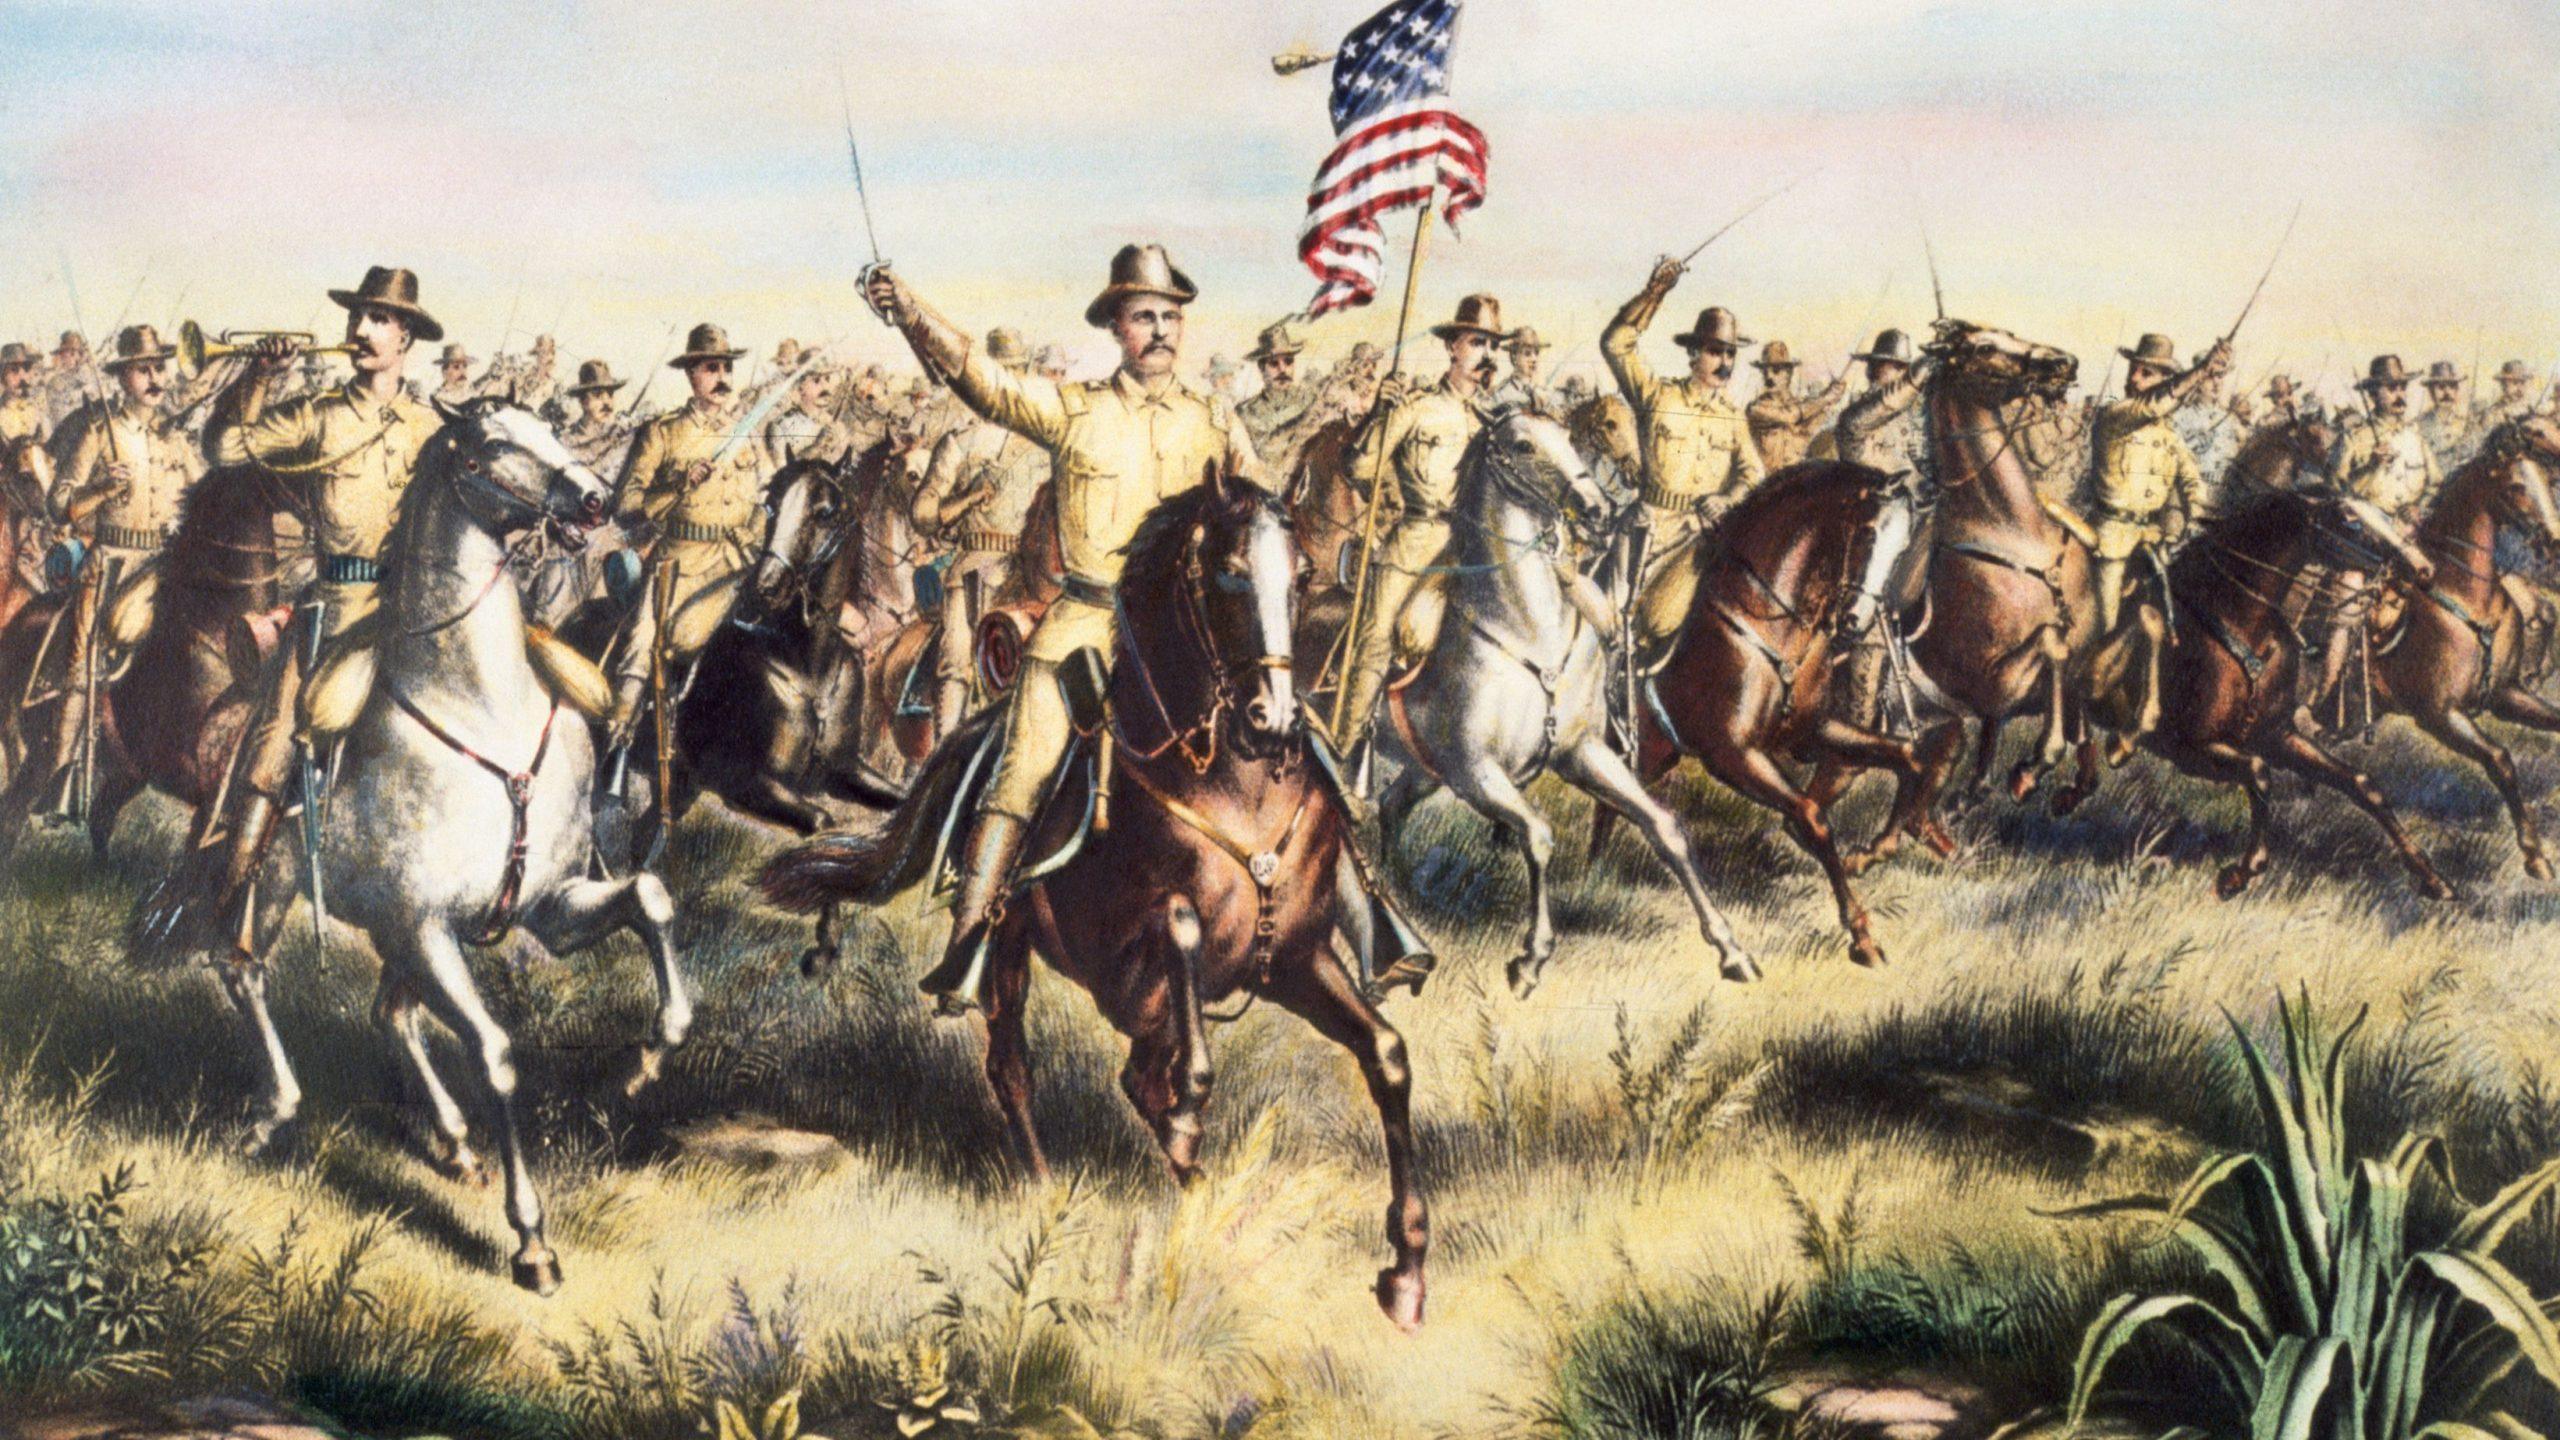 تاريخ أمريكا في 40 نقطة: تواريخ واحداث ووثائق وشخصيات مهمة